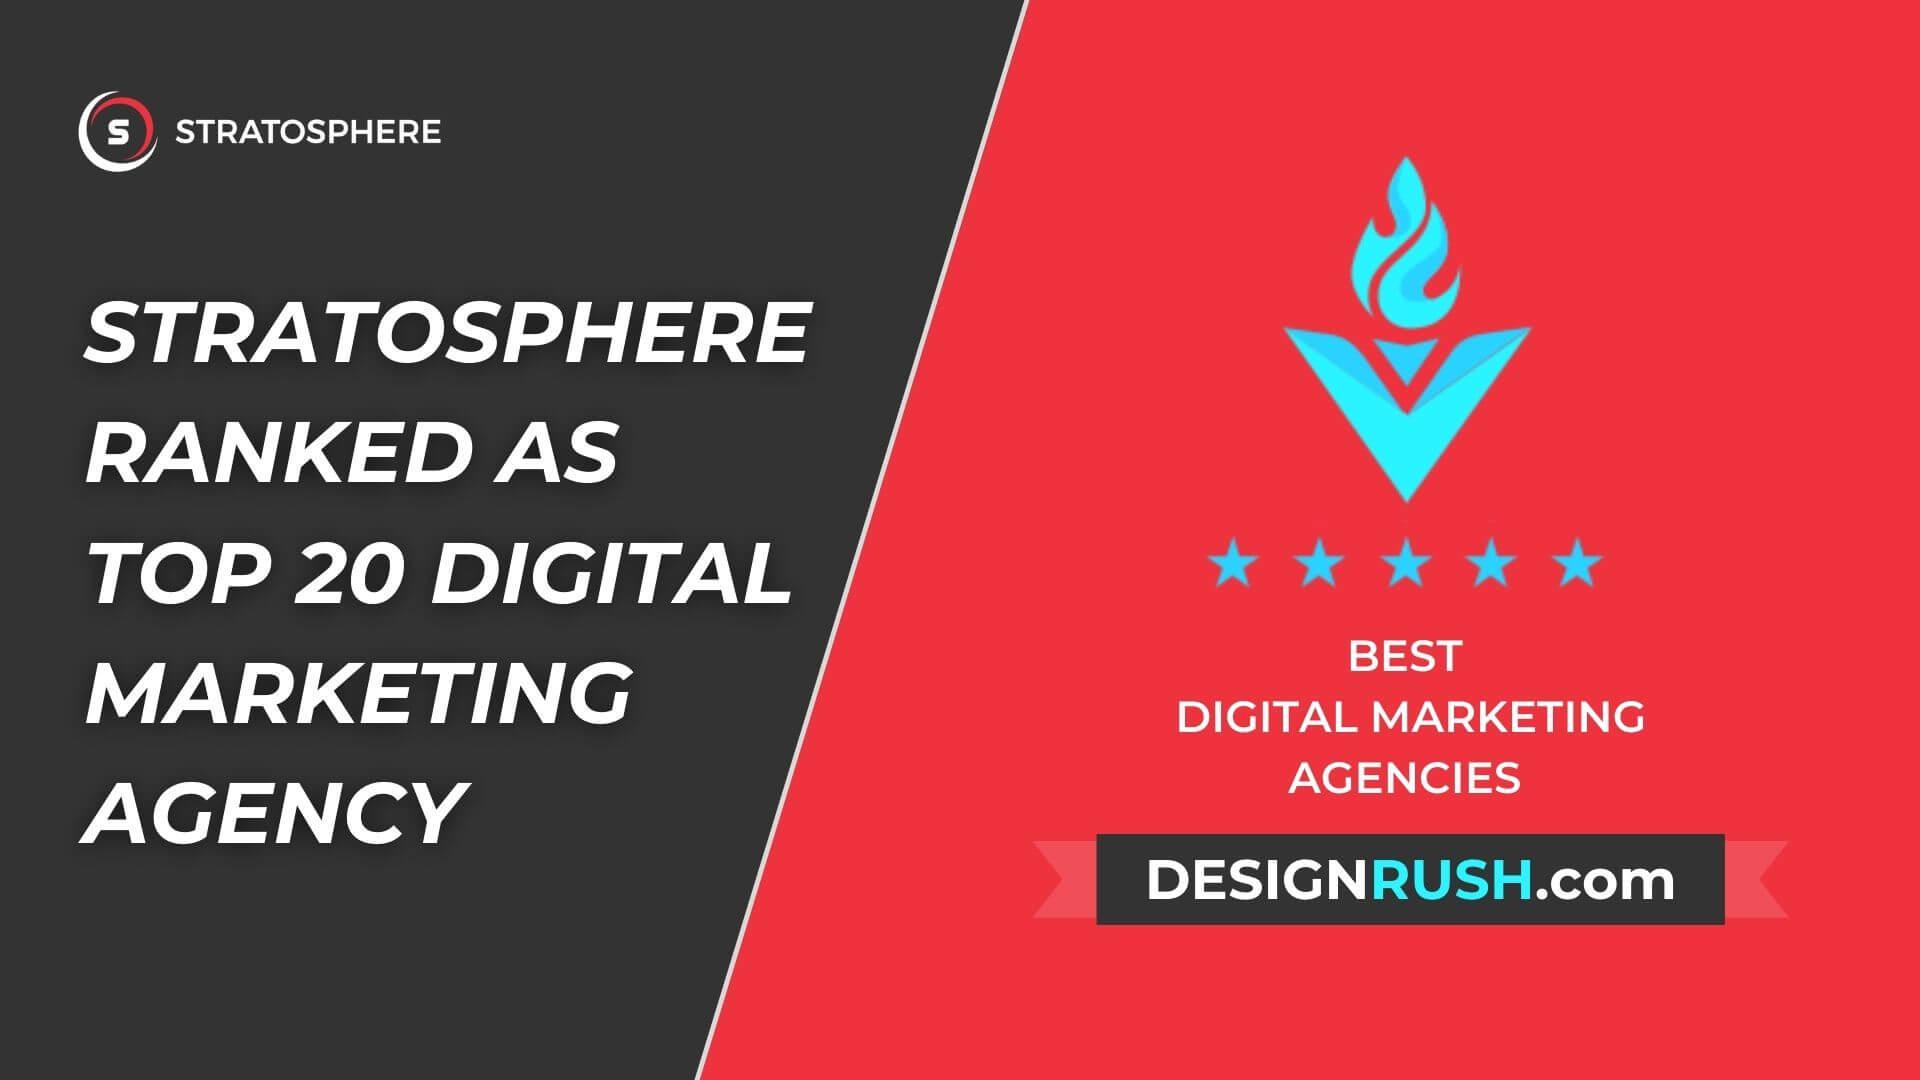 Stratosphere Ranked as Top 20 Digital Marketing Agency